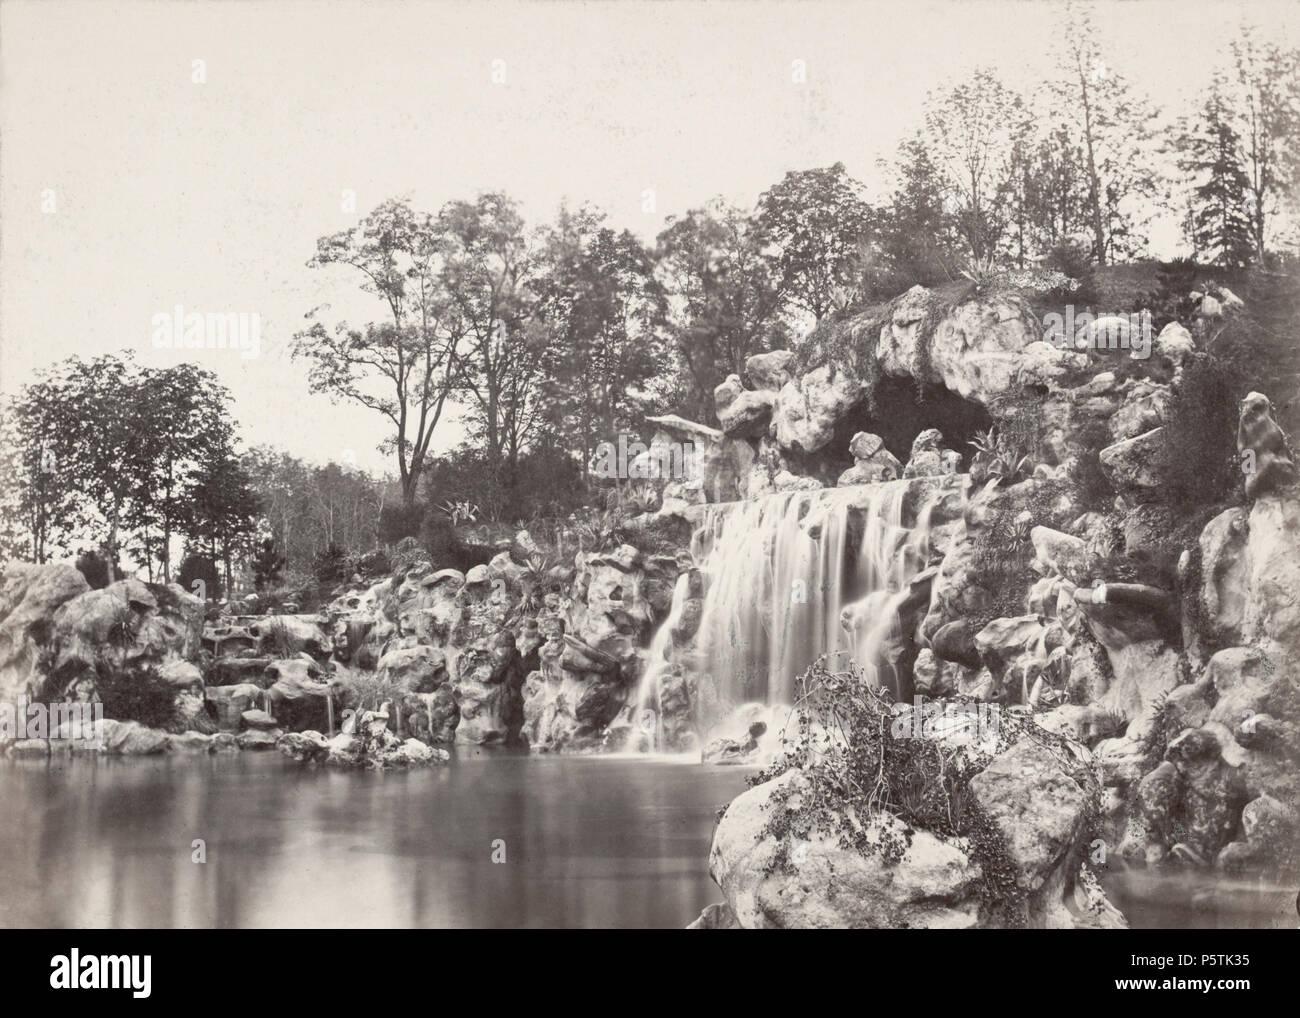 327 Charles Marville, Promenades de Paris - Bois de Boulogne, ca. 1853–70 I - Stock Image